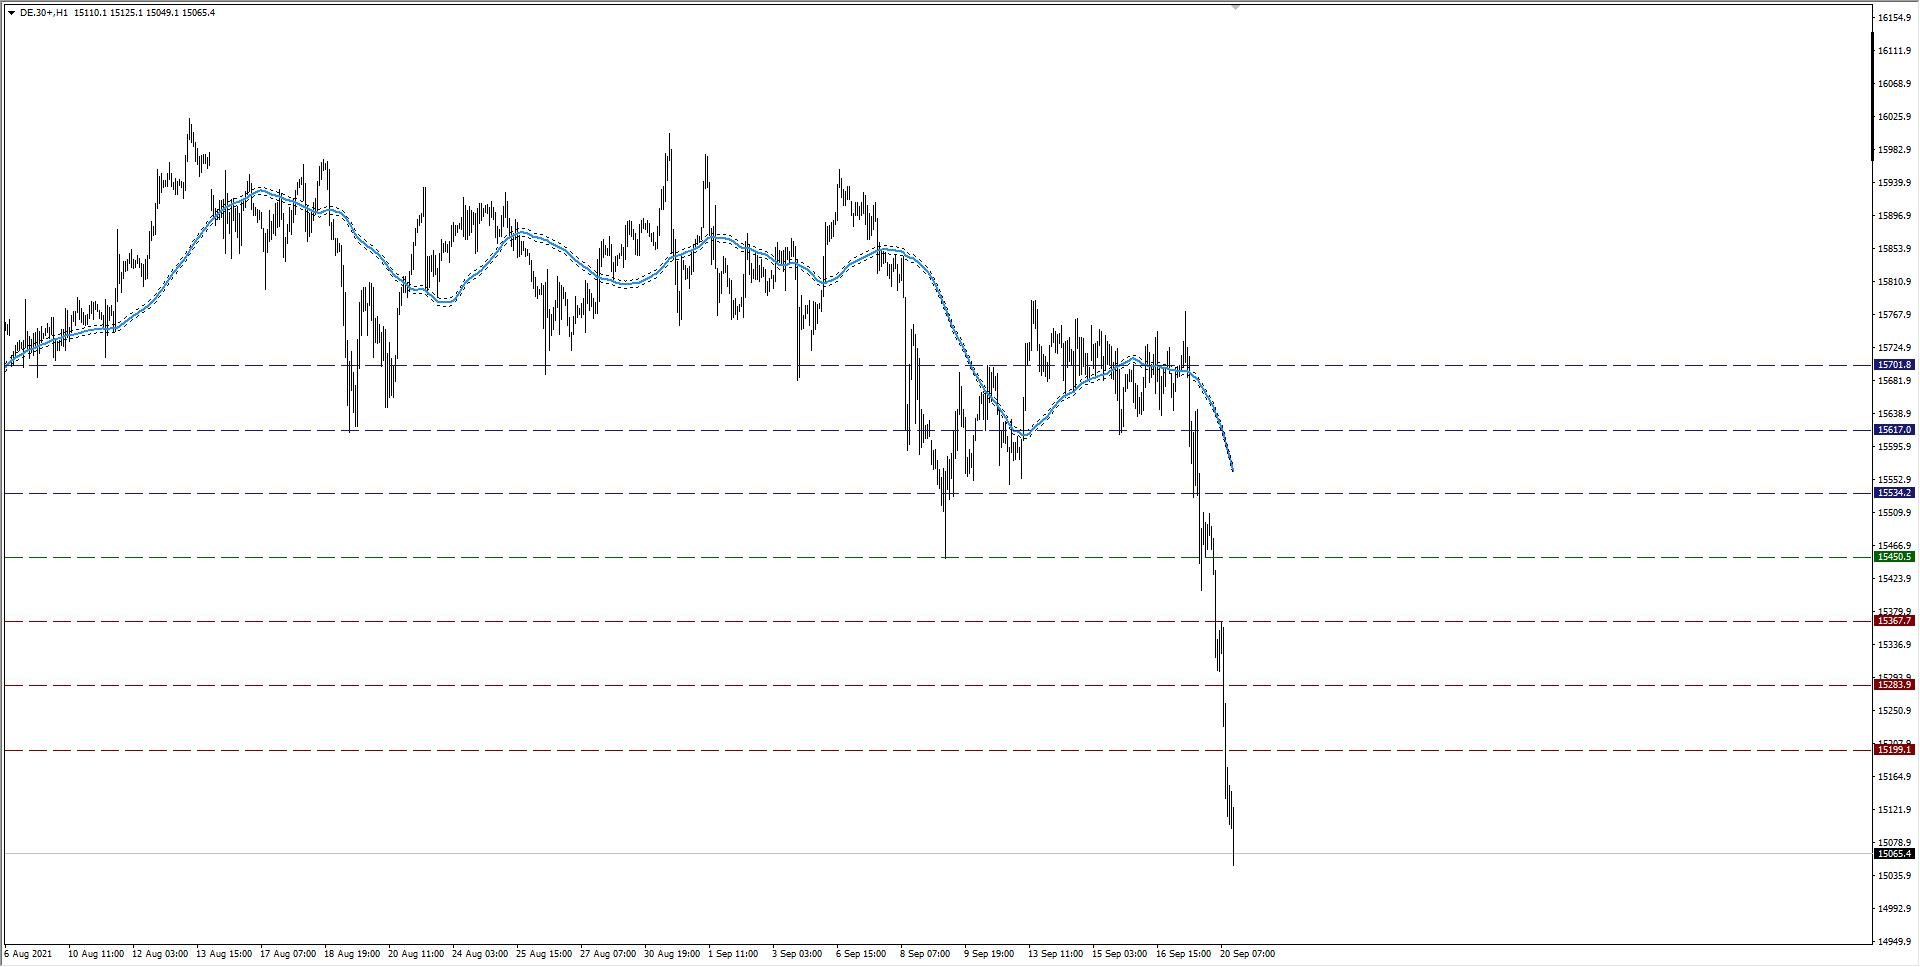 wykres DAX H1 20.09.2021 2